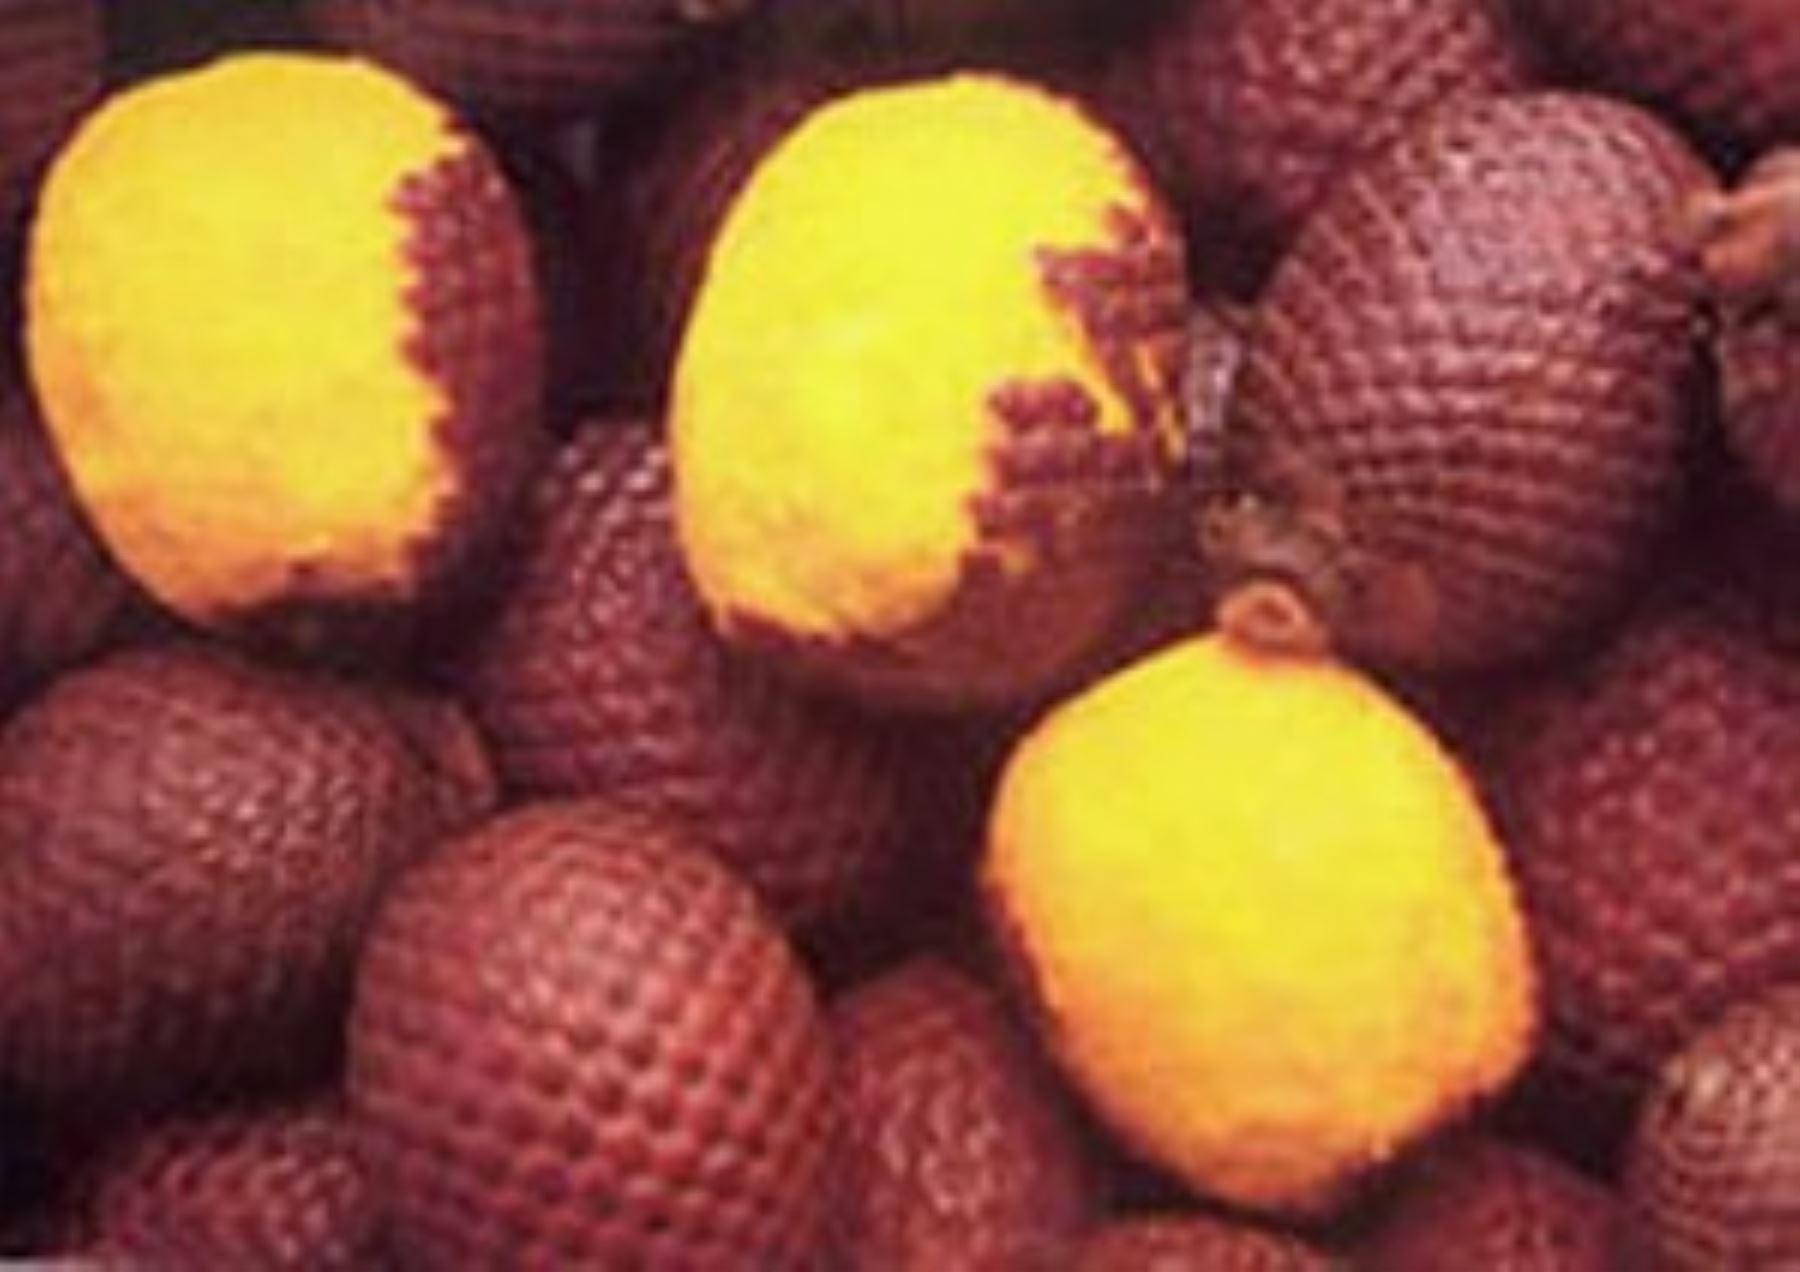 El aguaje (Mauritia fleuxosa) es el fruto de la palmera más representativa de la Amazonía, crece en los bosques inundados, principalmente en Loreto, Ucayali y Madre de Dios. ANDINA/Difusión